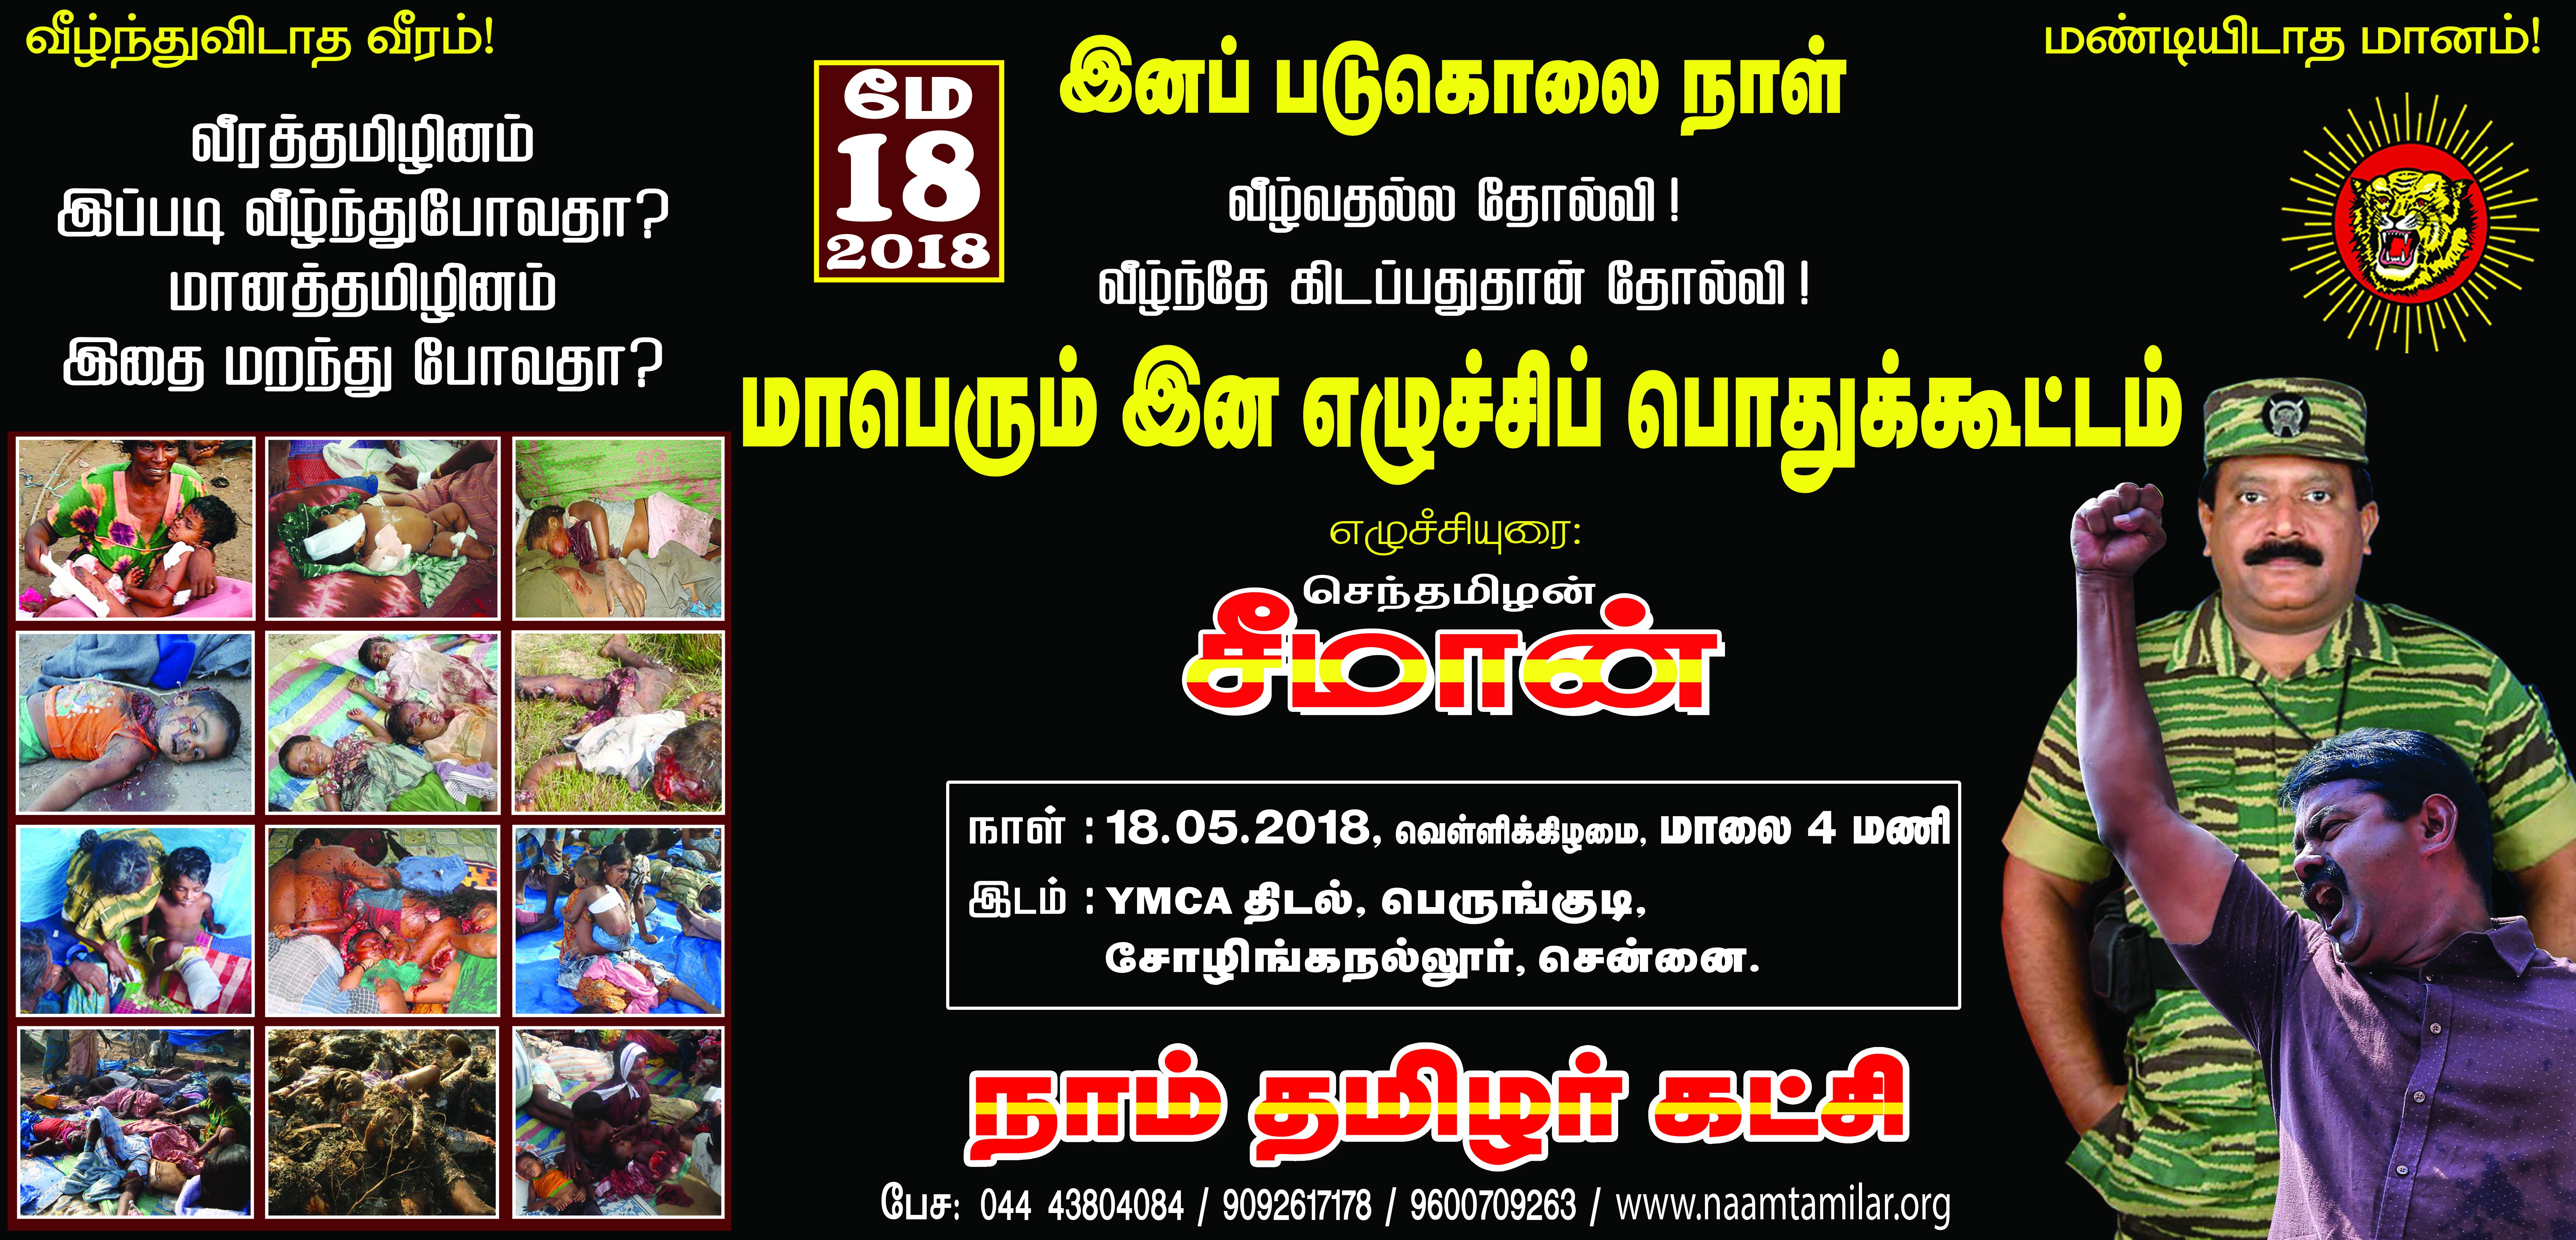 மே 18, இன எழுச்சிப் பொதுக்கூட்டம் – சுவரொட்டி, துண்டறிக்கை [தரவிறக்கம்] Download PSD 6 bit poster download May 18 Meeting Final seeman chennai naam tamilar katchi